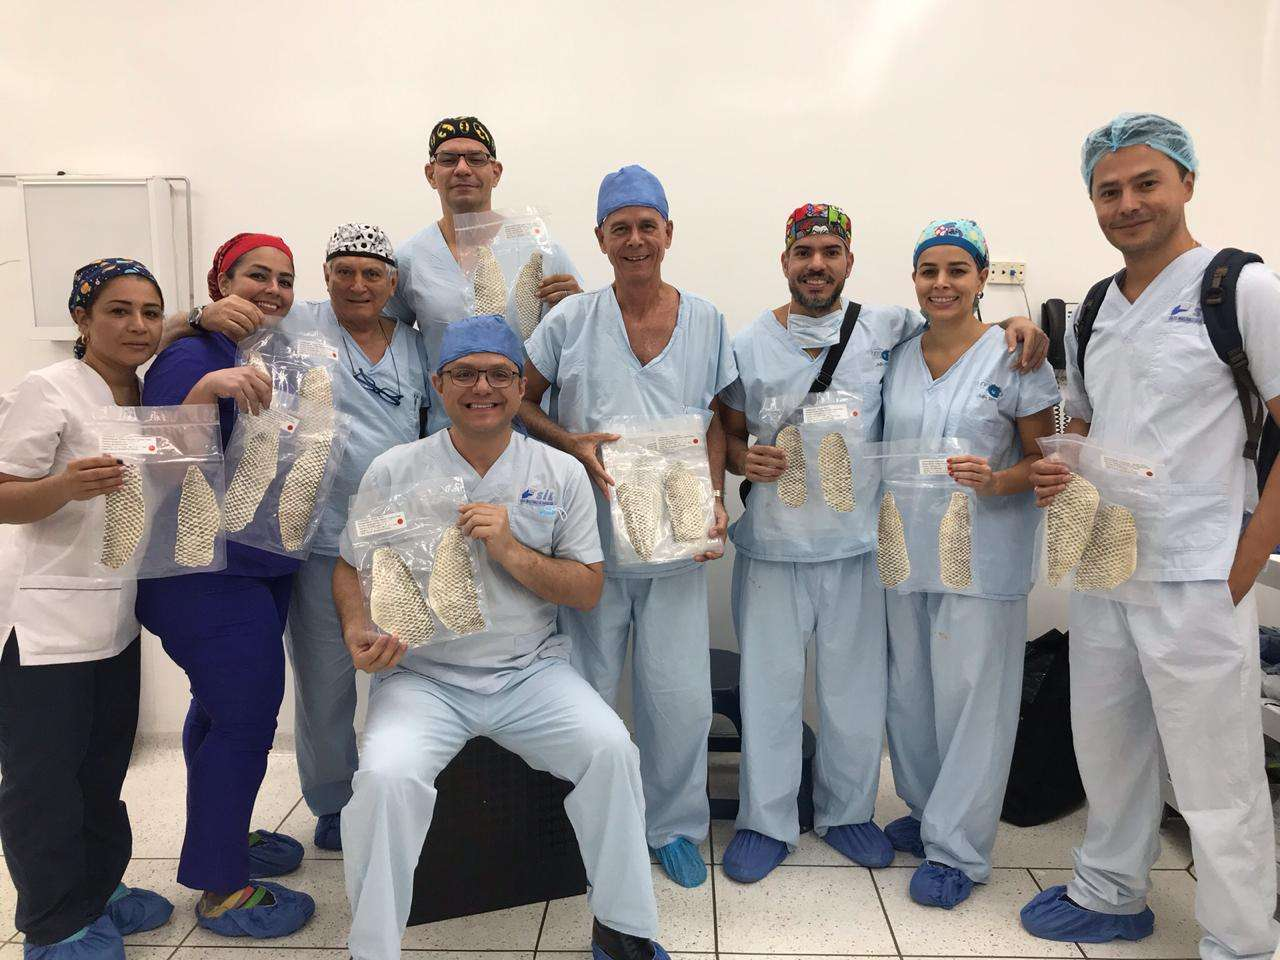 Colômbia utiliza pele de tilápia em cirurgia de resignação sexual